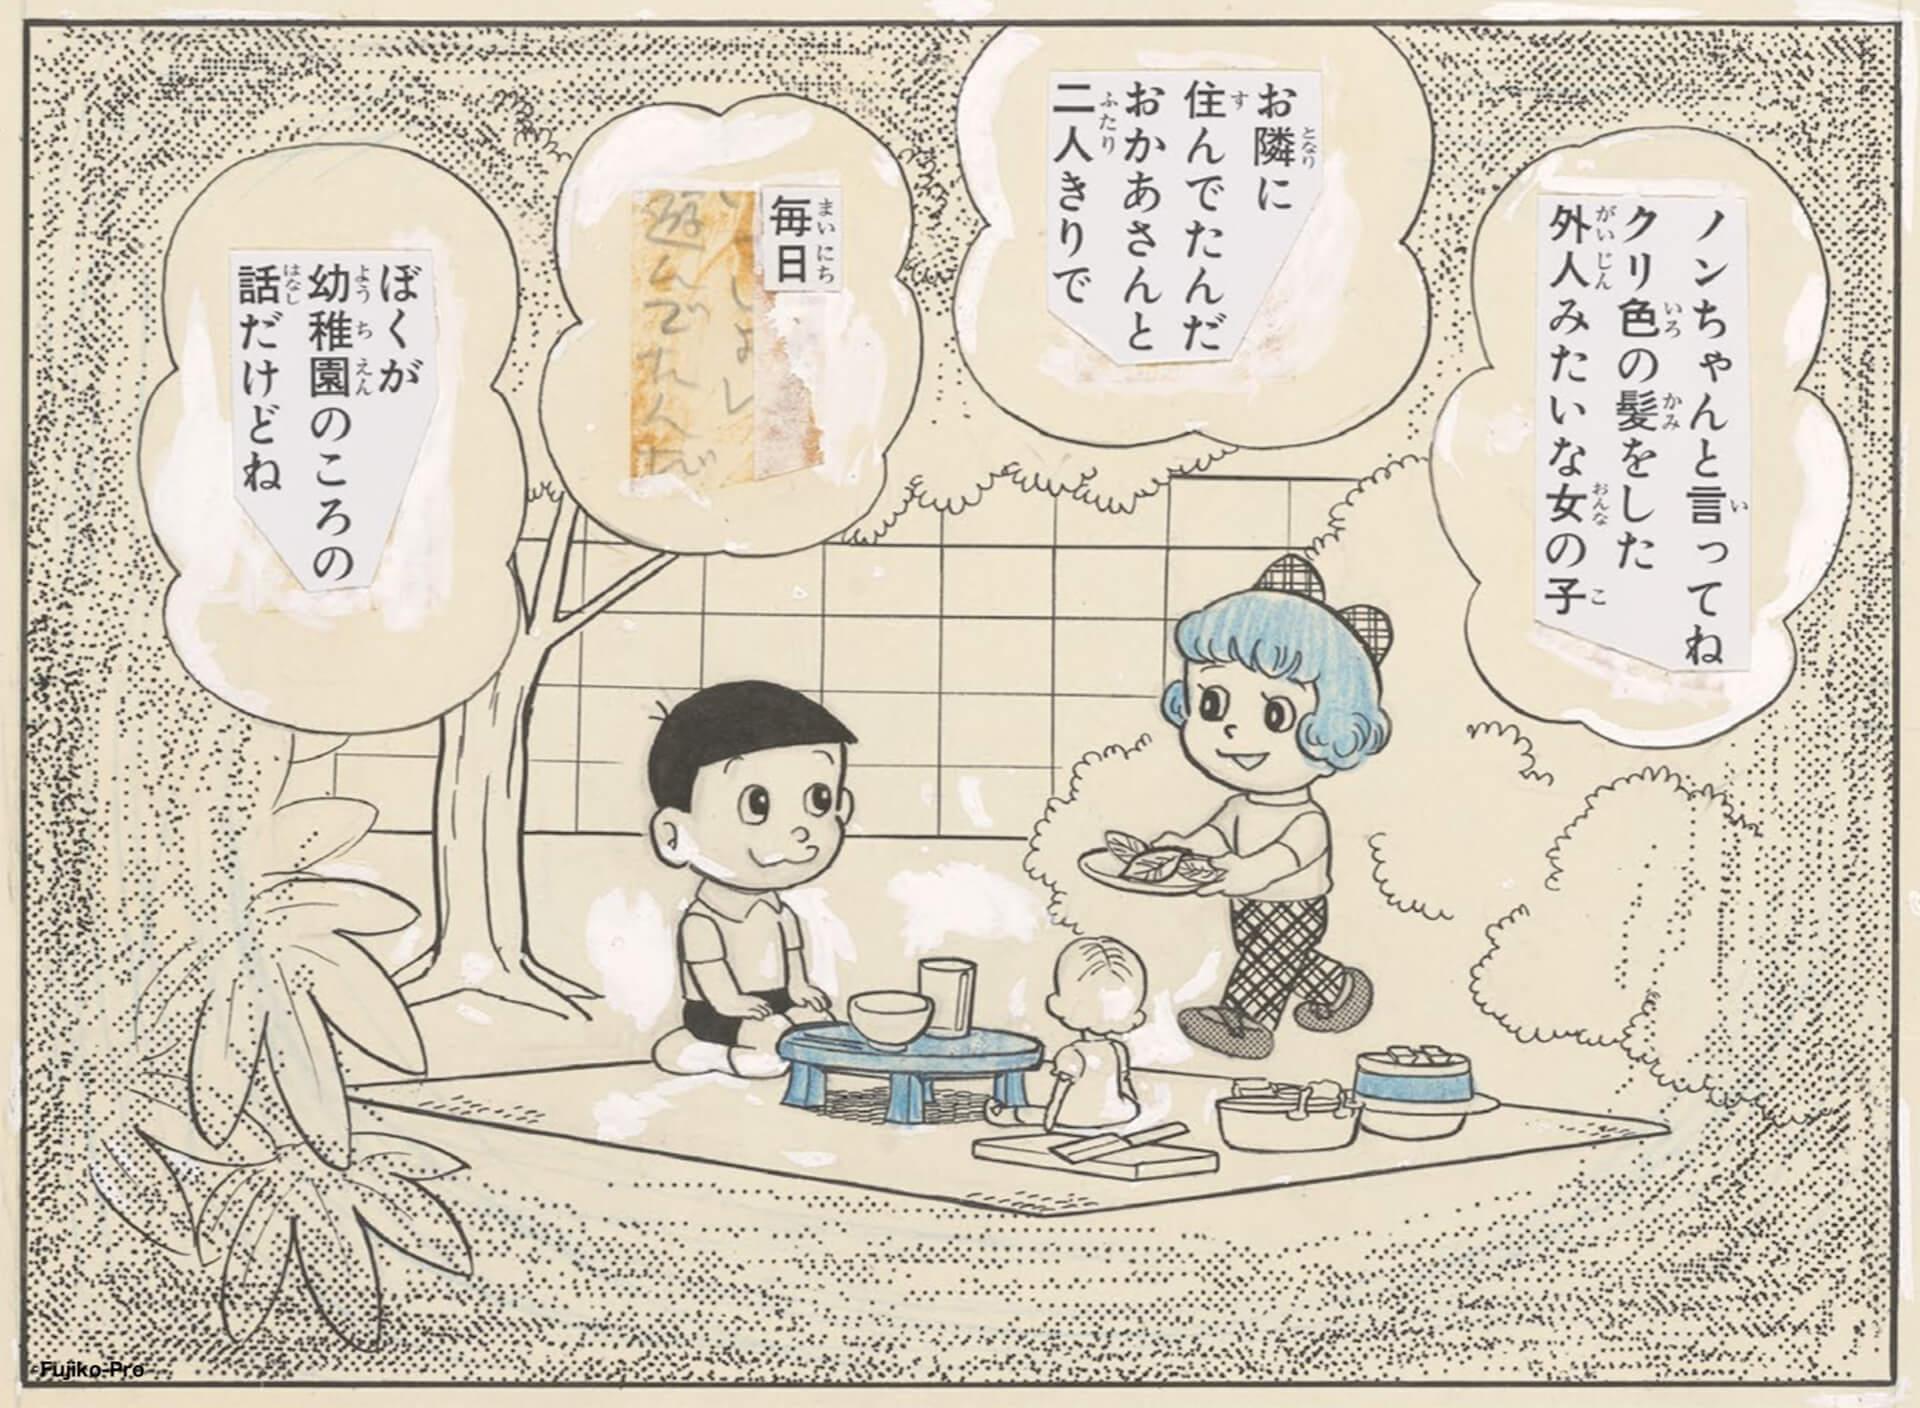 「ドラえもん1コマ拡大鑑賞展」渋谷PARCO